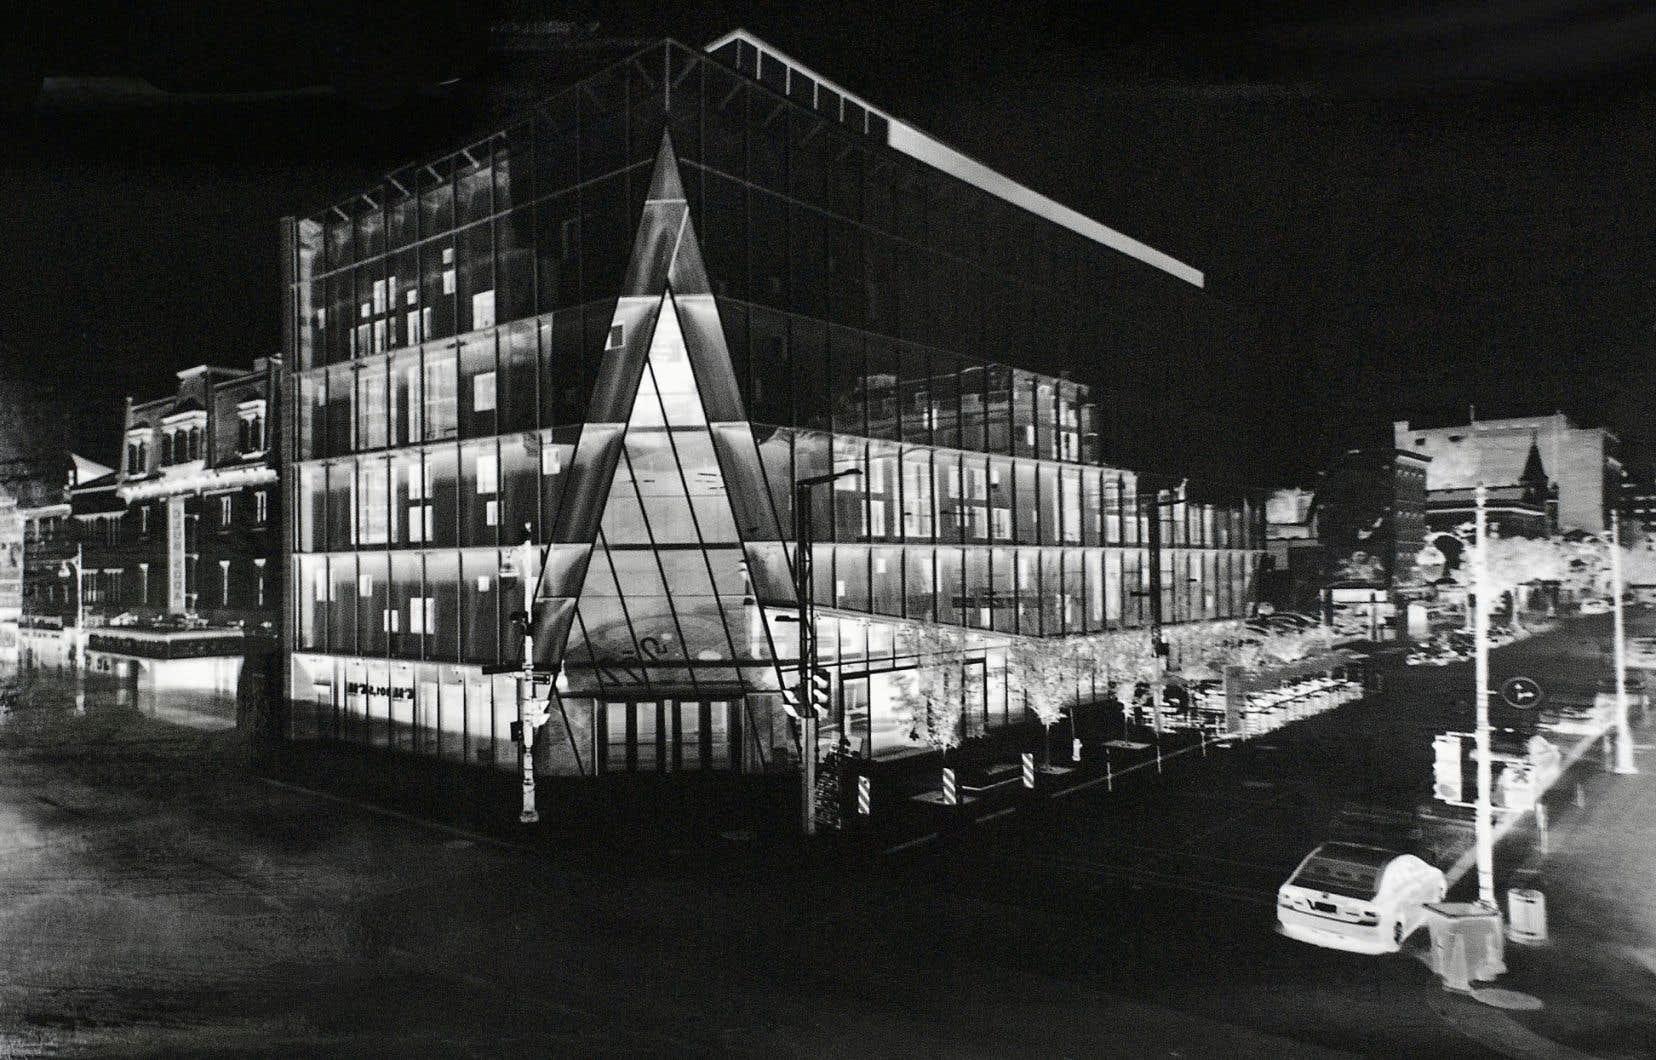 L'édifice du 2-22, à l'angle de la rue Sainte-Catherine et du boulevard Saint-Laurent, est singulièrement capté par le photographe.